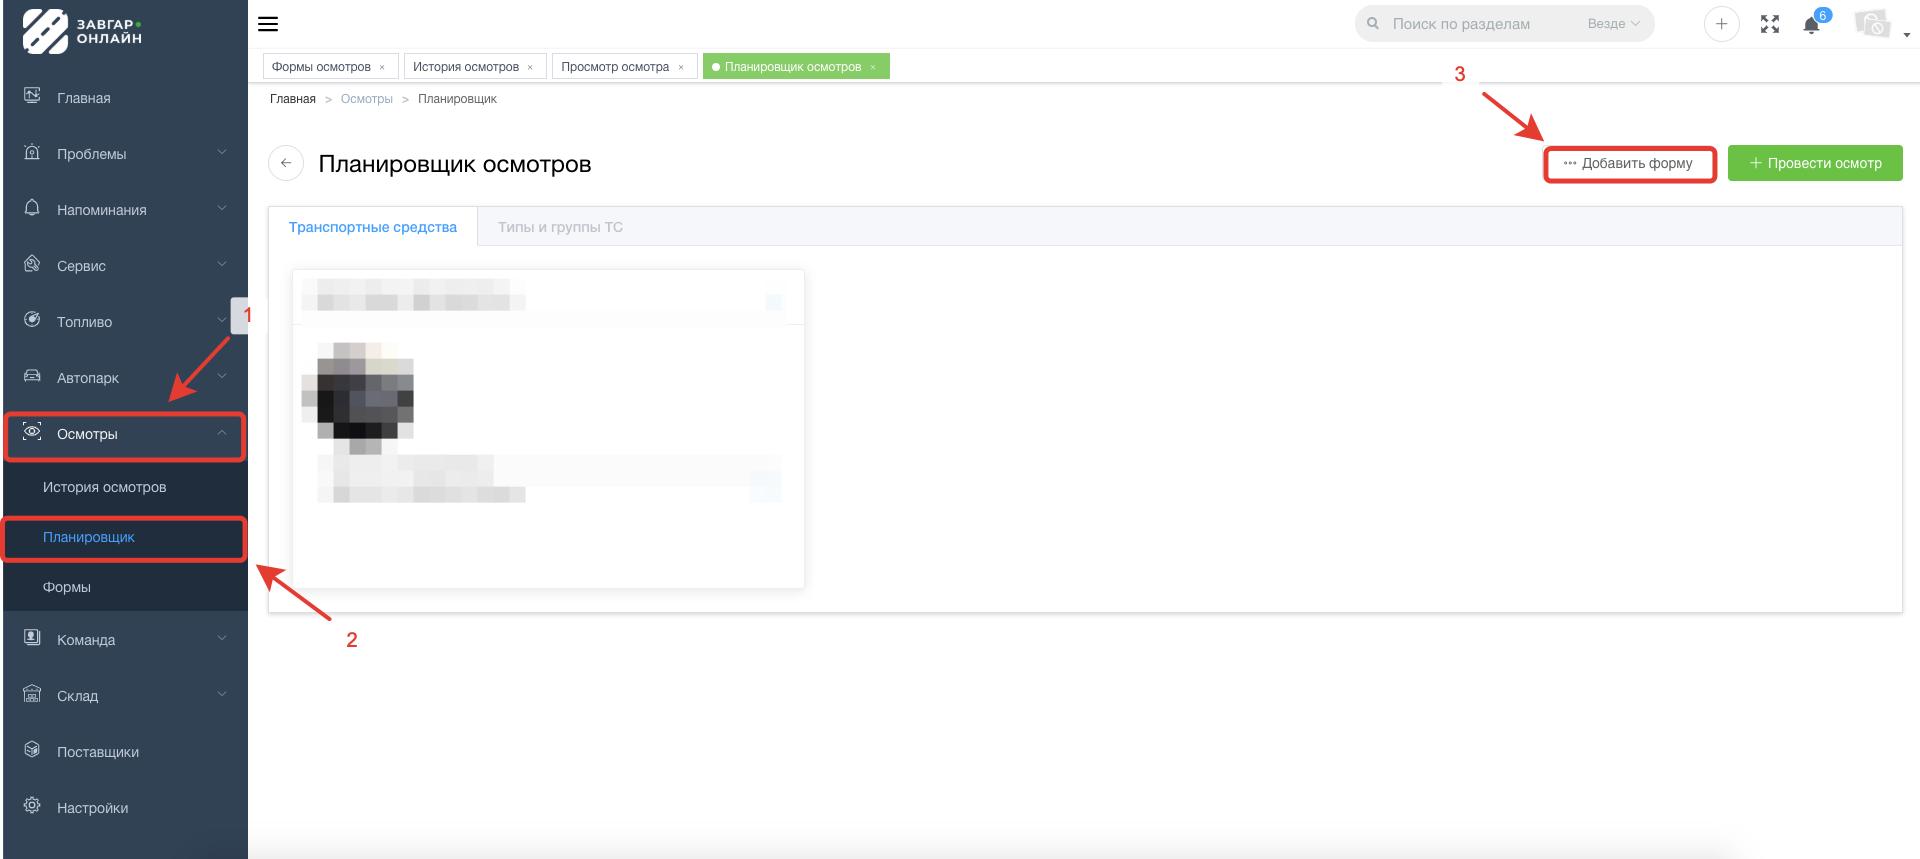 Добавление формы осмотров через планировщик системы Завгар Онлайн